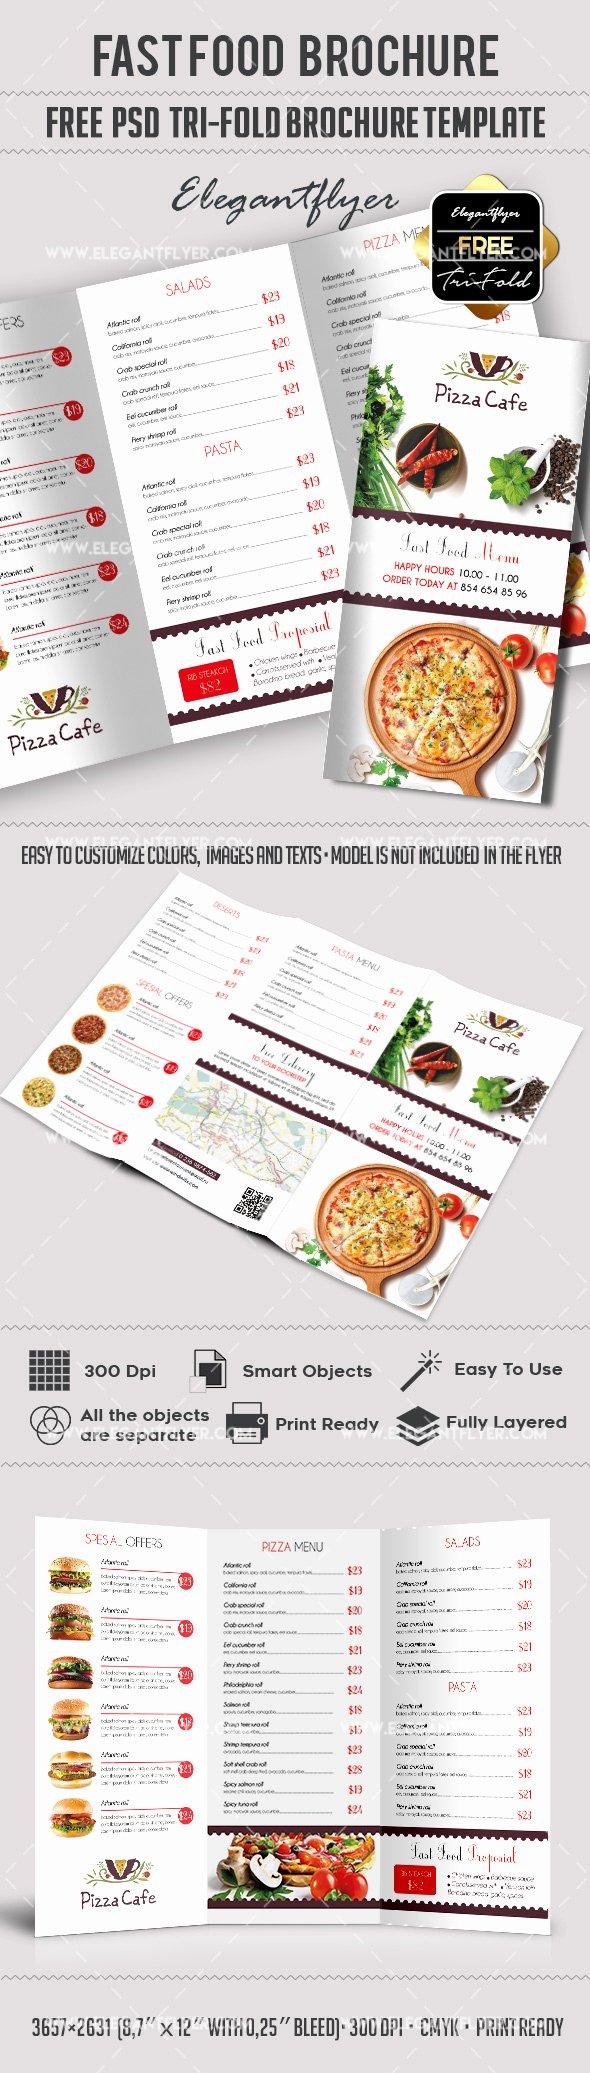 Free Fast Food – Free Psd Tri Fold Psd Brochure Template